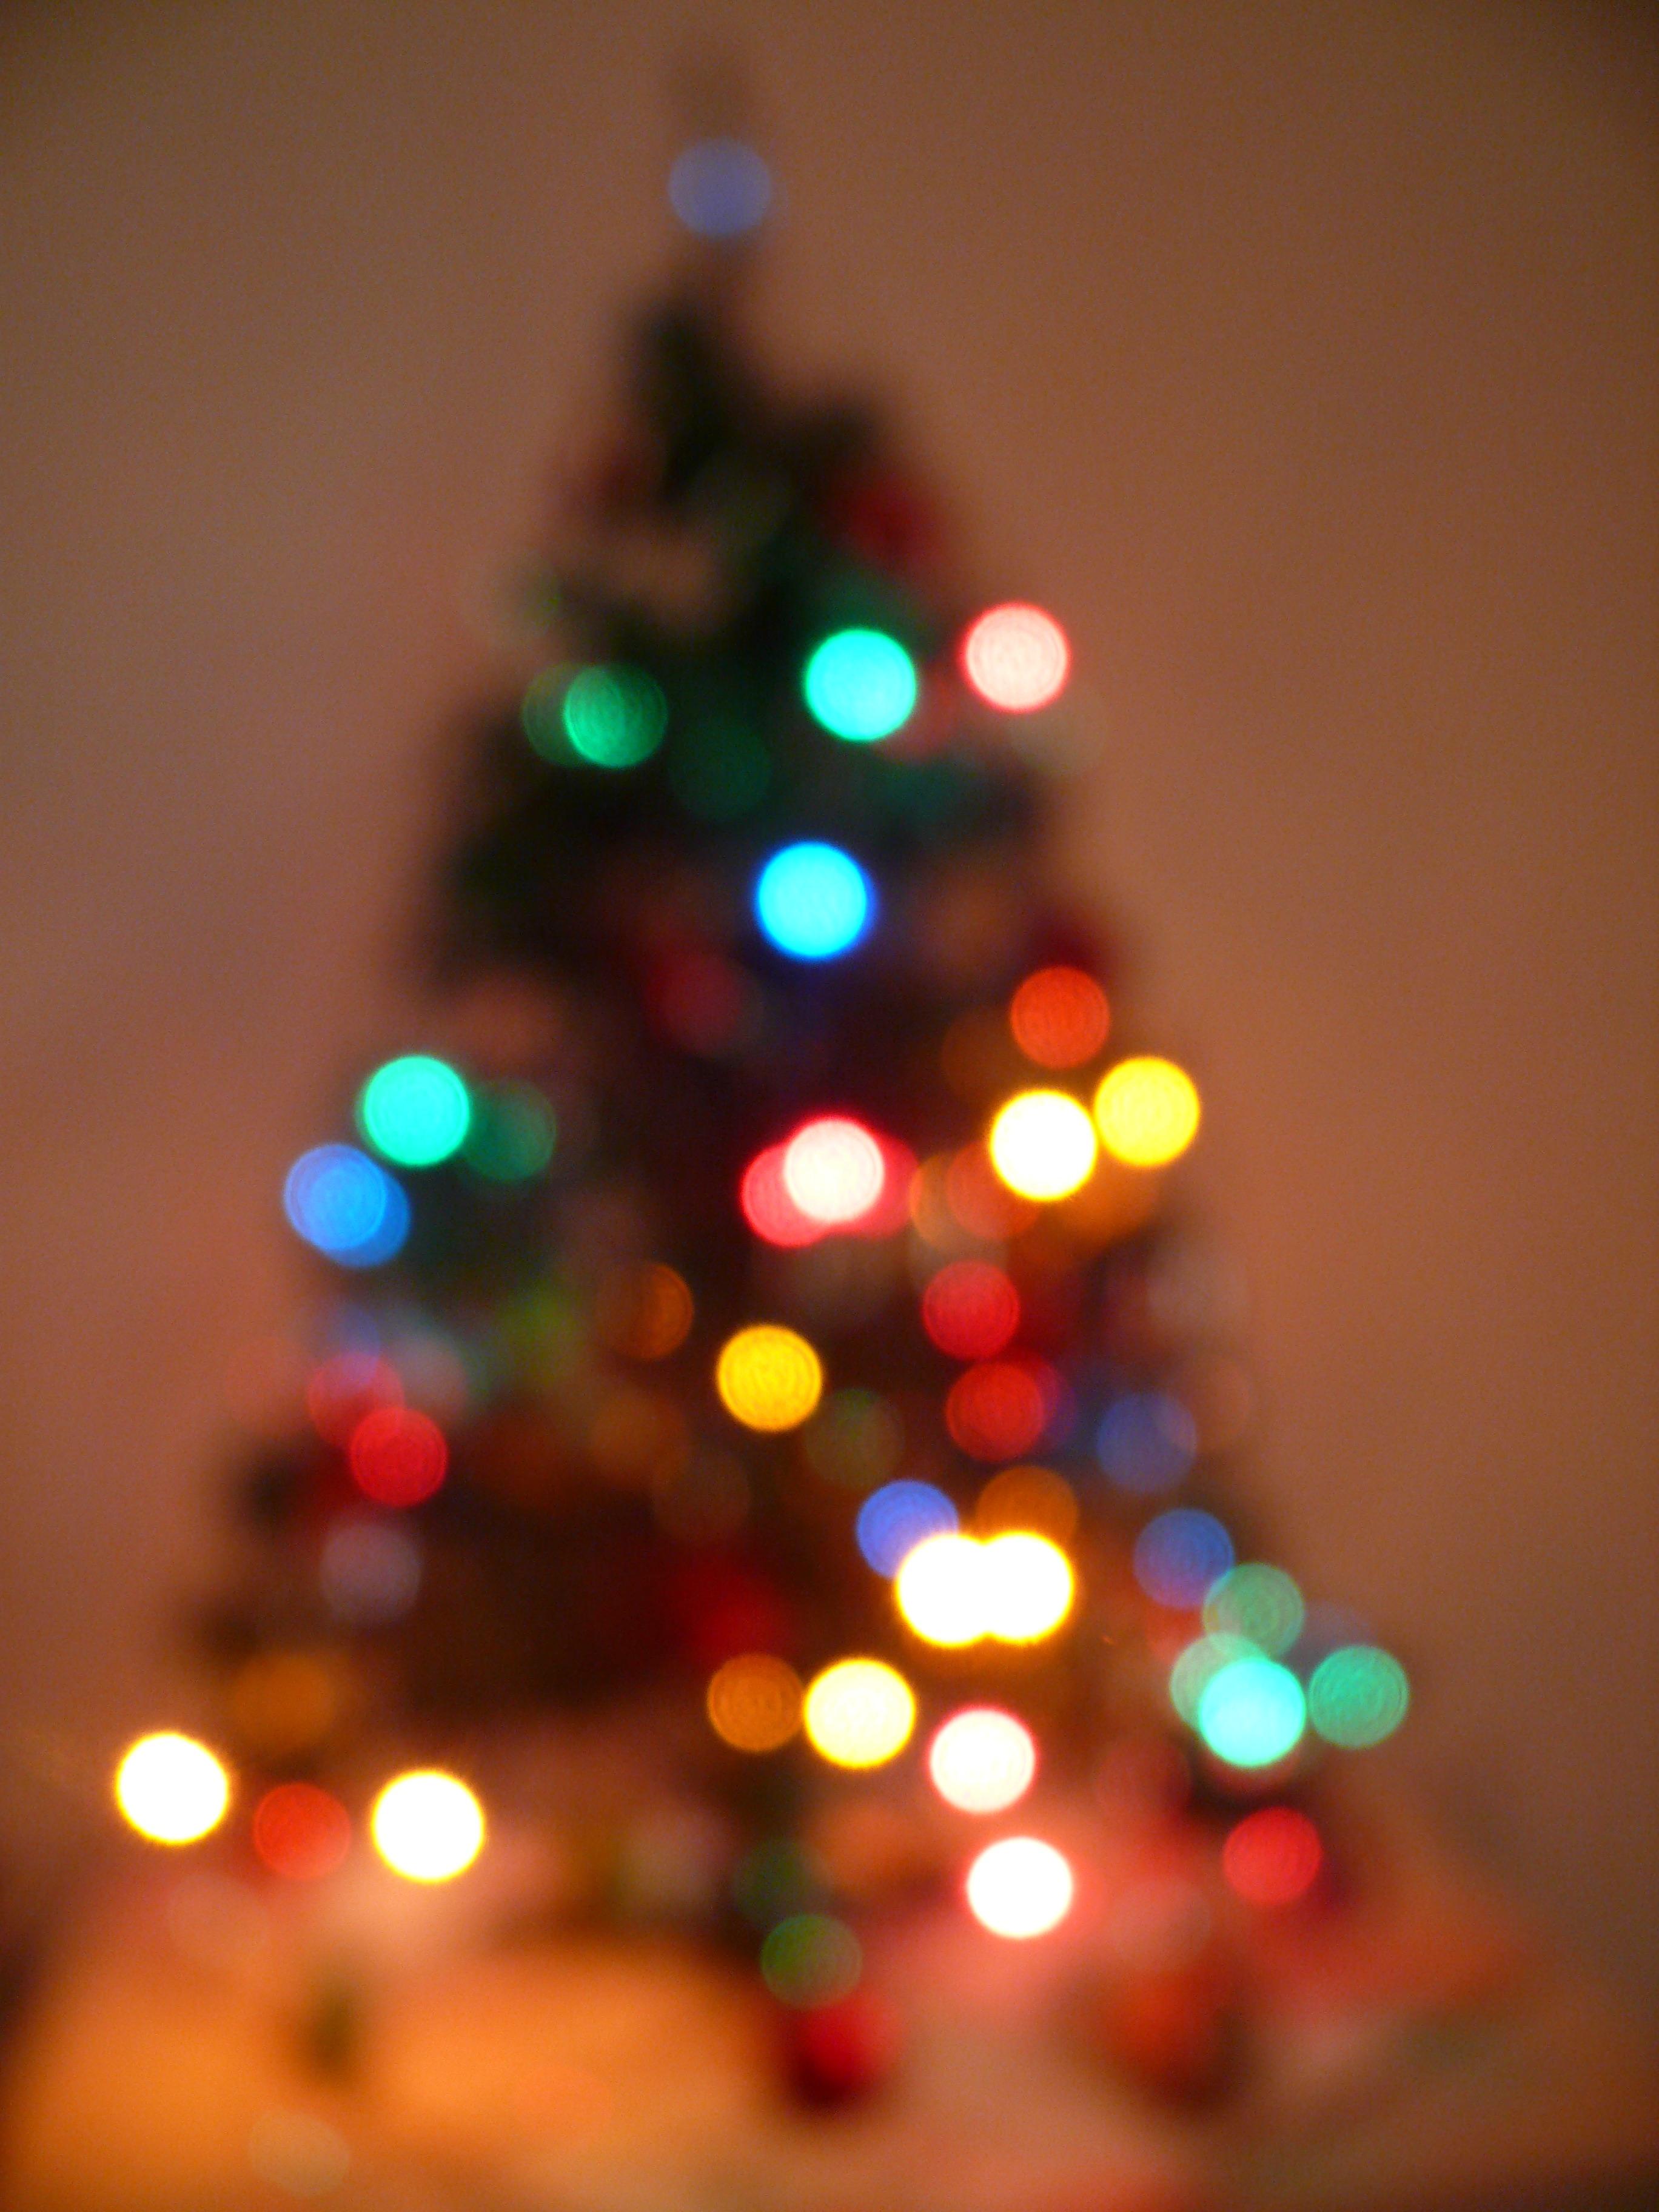 christmas_tree_184252 - Lights For Christmas Tree